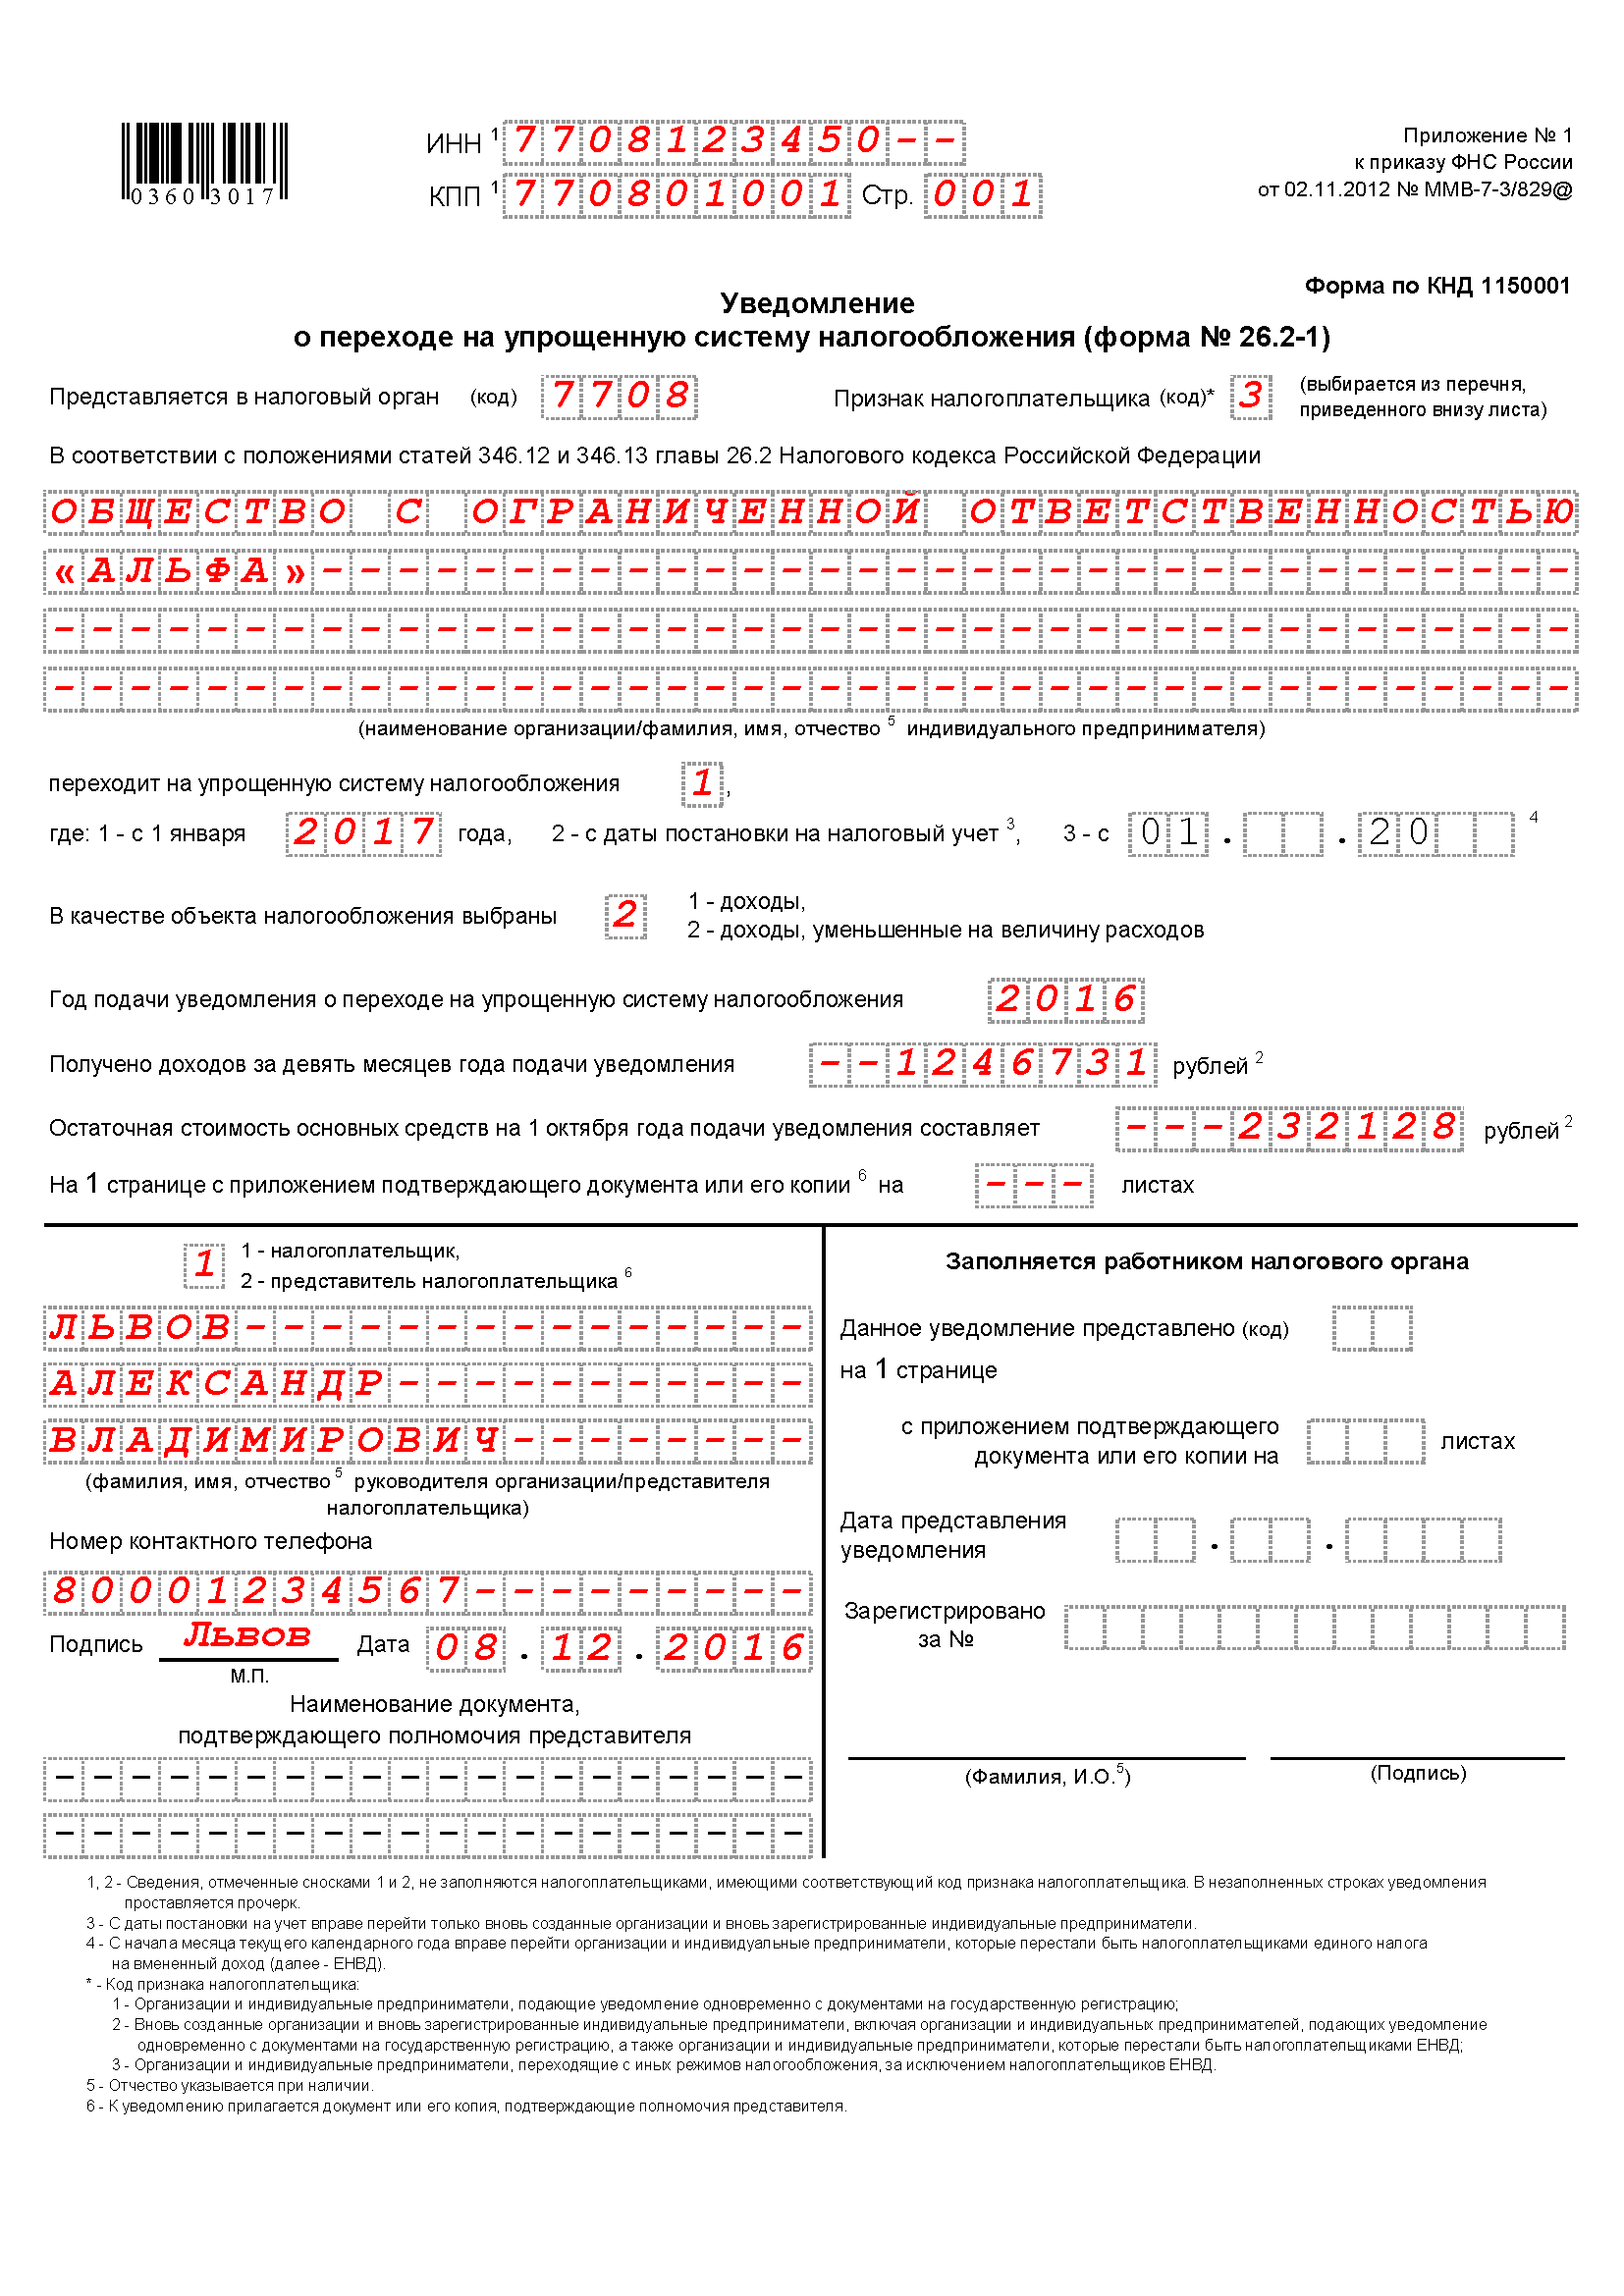 Заявление на УСН для ИП на 2016 год при регистрации